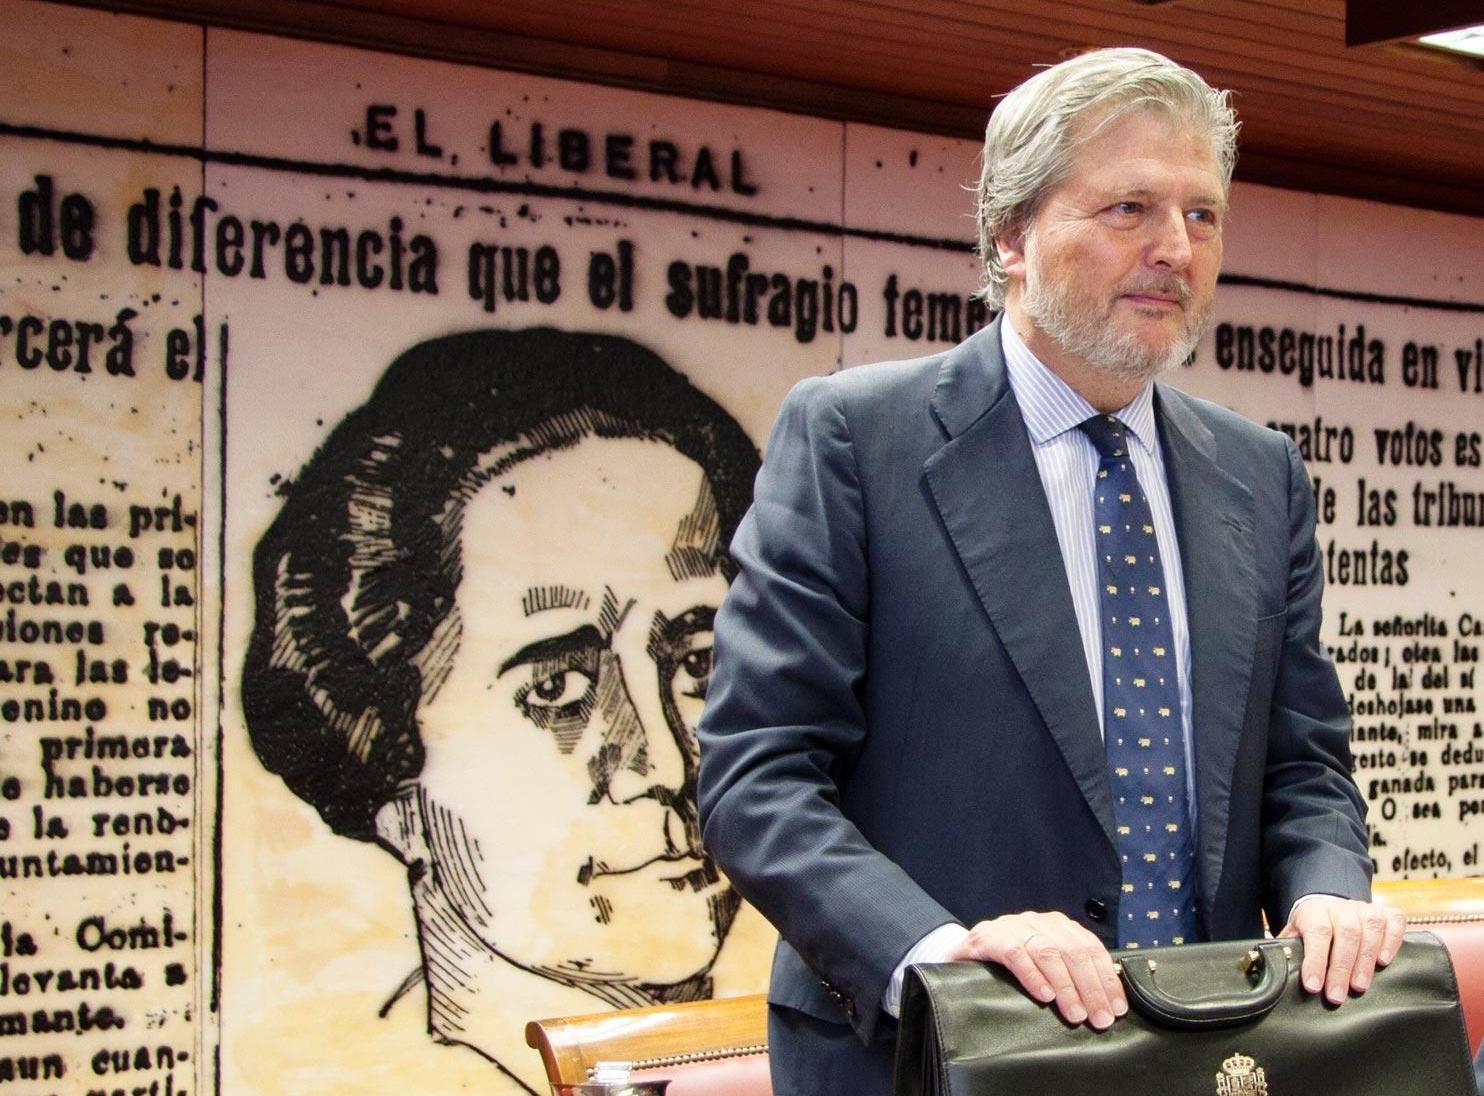 El ministro de Educación, Cultura y Deporte, Iñigo Méndez de Vigo, anuncia la puesta en marcha de un Plan Integral de Fomento de la Lectura